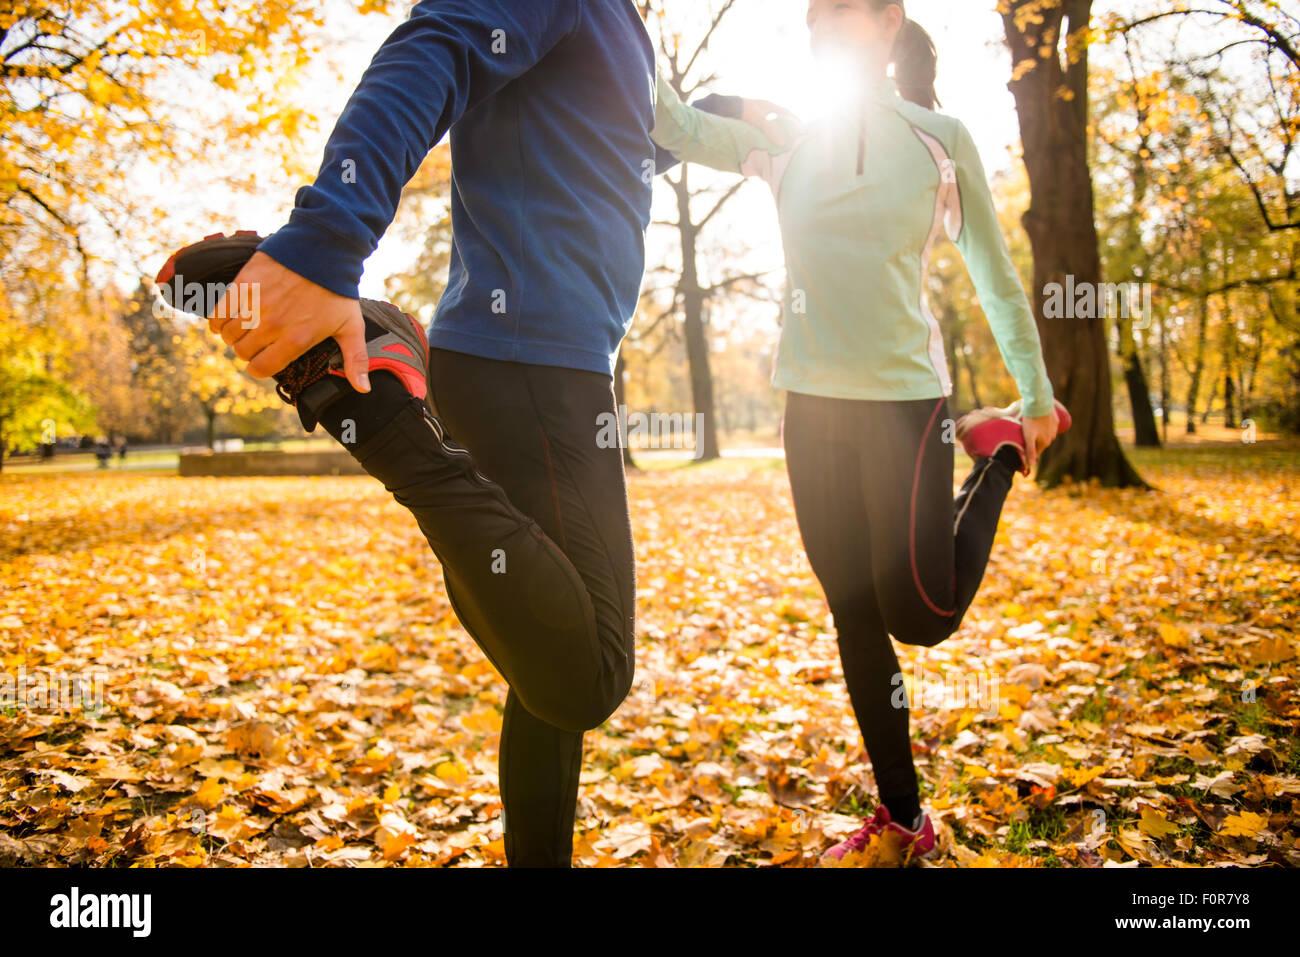 Dettaglio di un uomo e di una donna gambe stretching prima di fare jogging in autunno la natura Immagini Stock